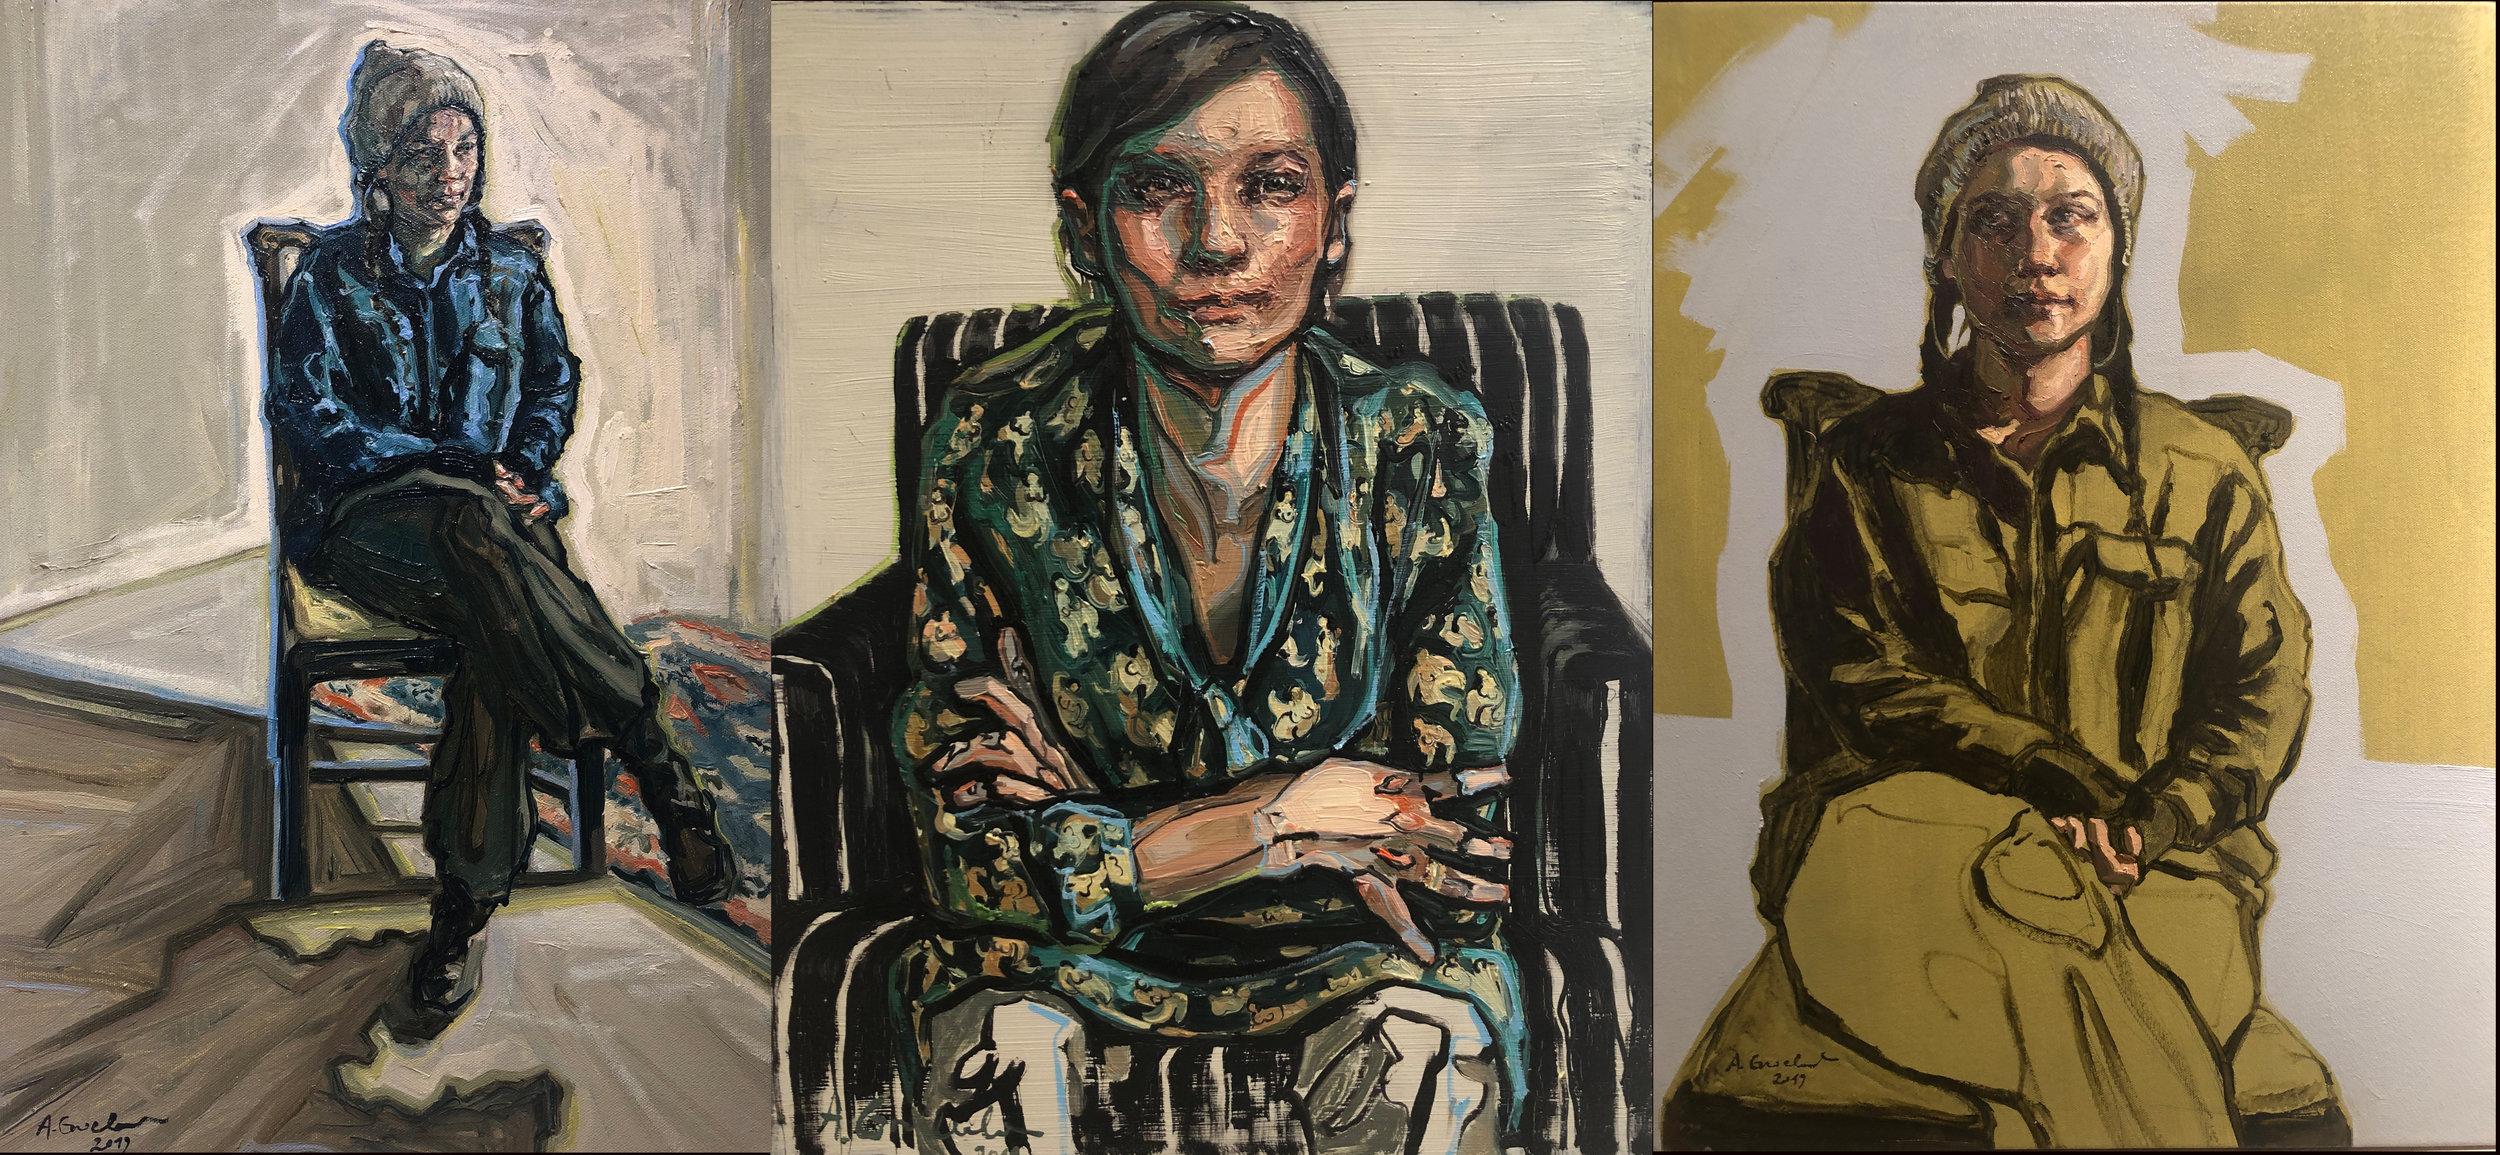 Agnes Grochulska at Eric Schindler